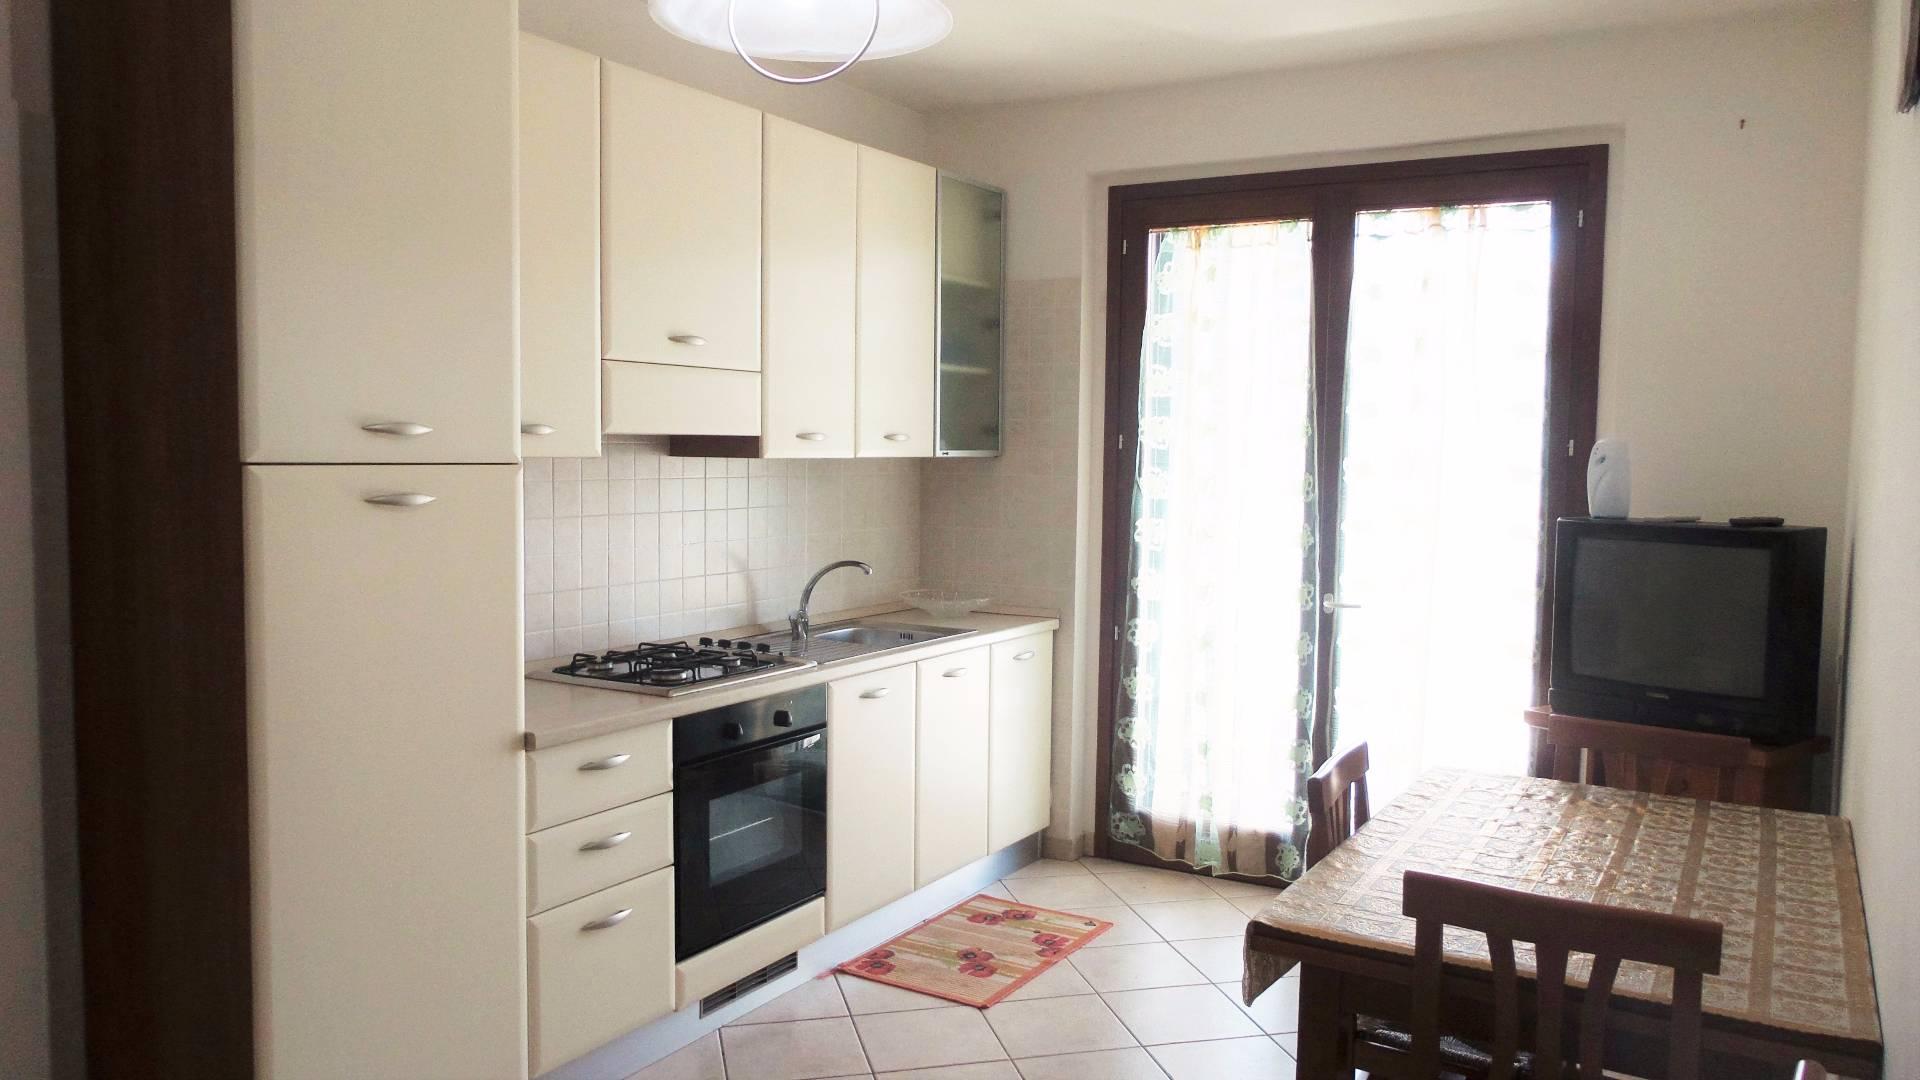 Appartamento in affitto a Alba Adriatica, 3 locali, zona Località: VillaFiore, prezzo € 450 | Cambio Casa.it